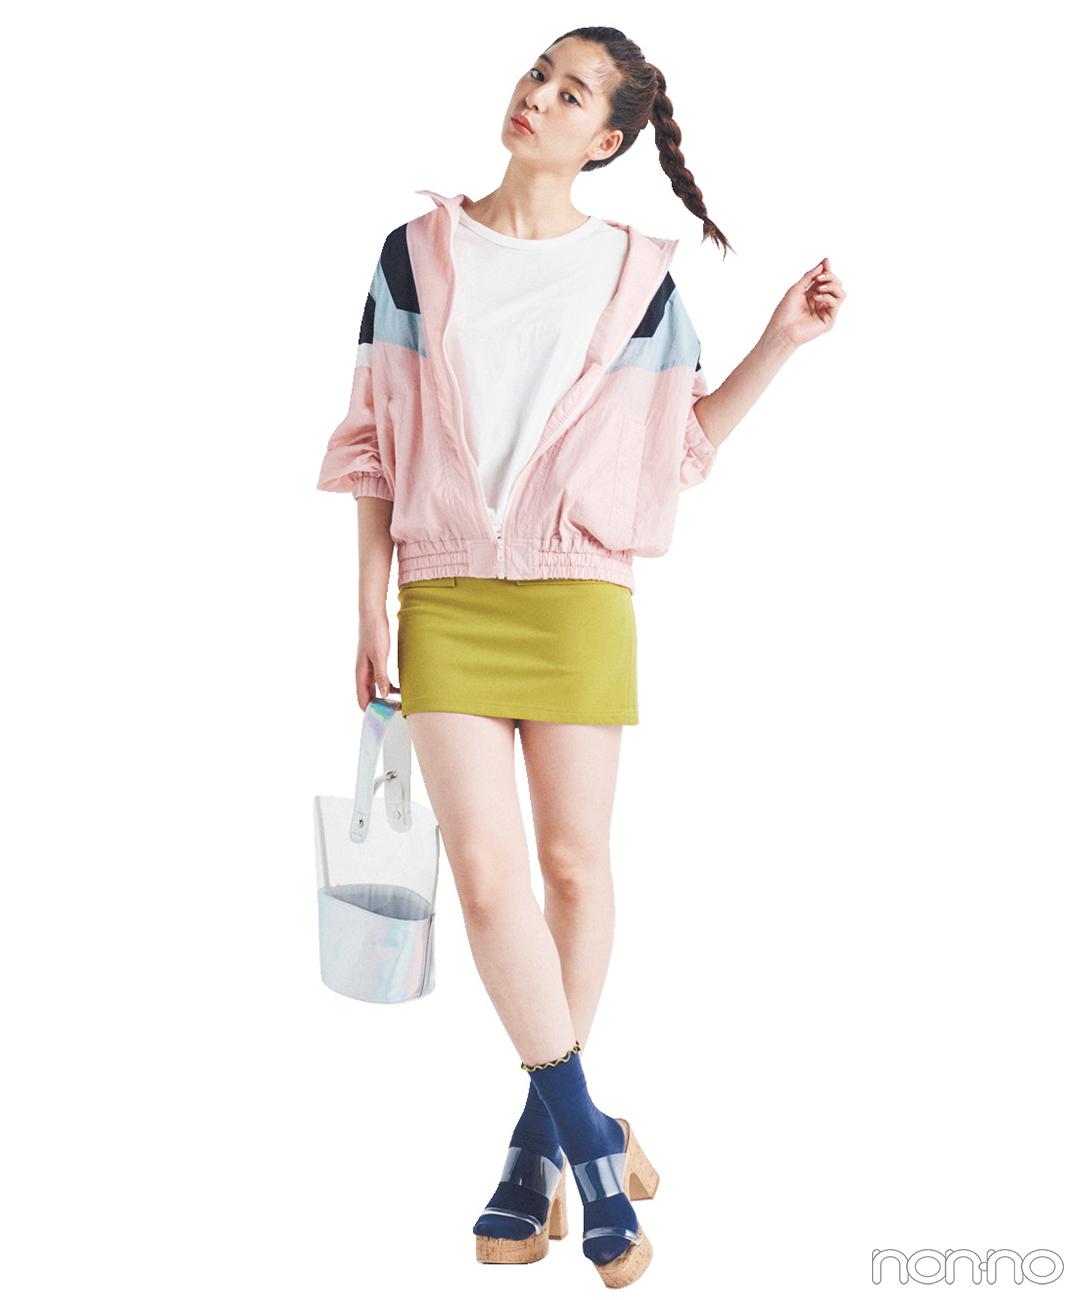 新木優子はマンパ+ミニスカートコーデでポップな夏ガール!【毎日コーデ】